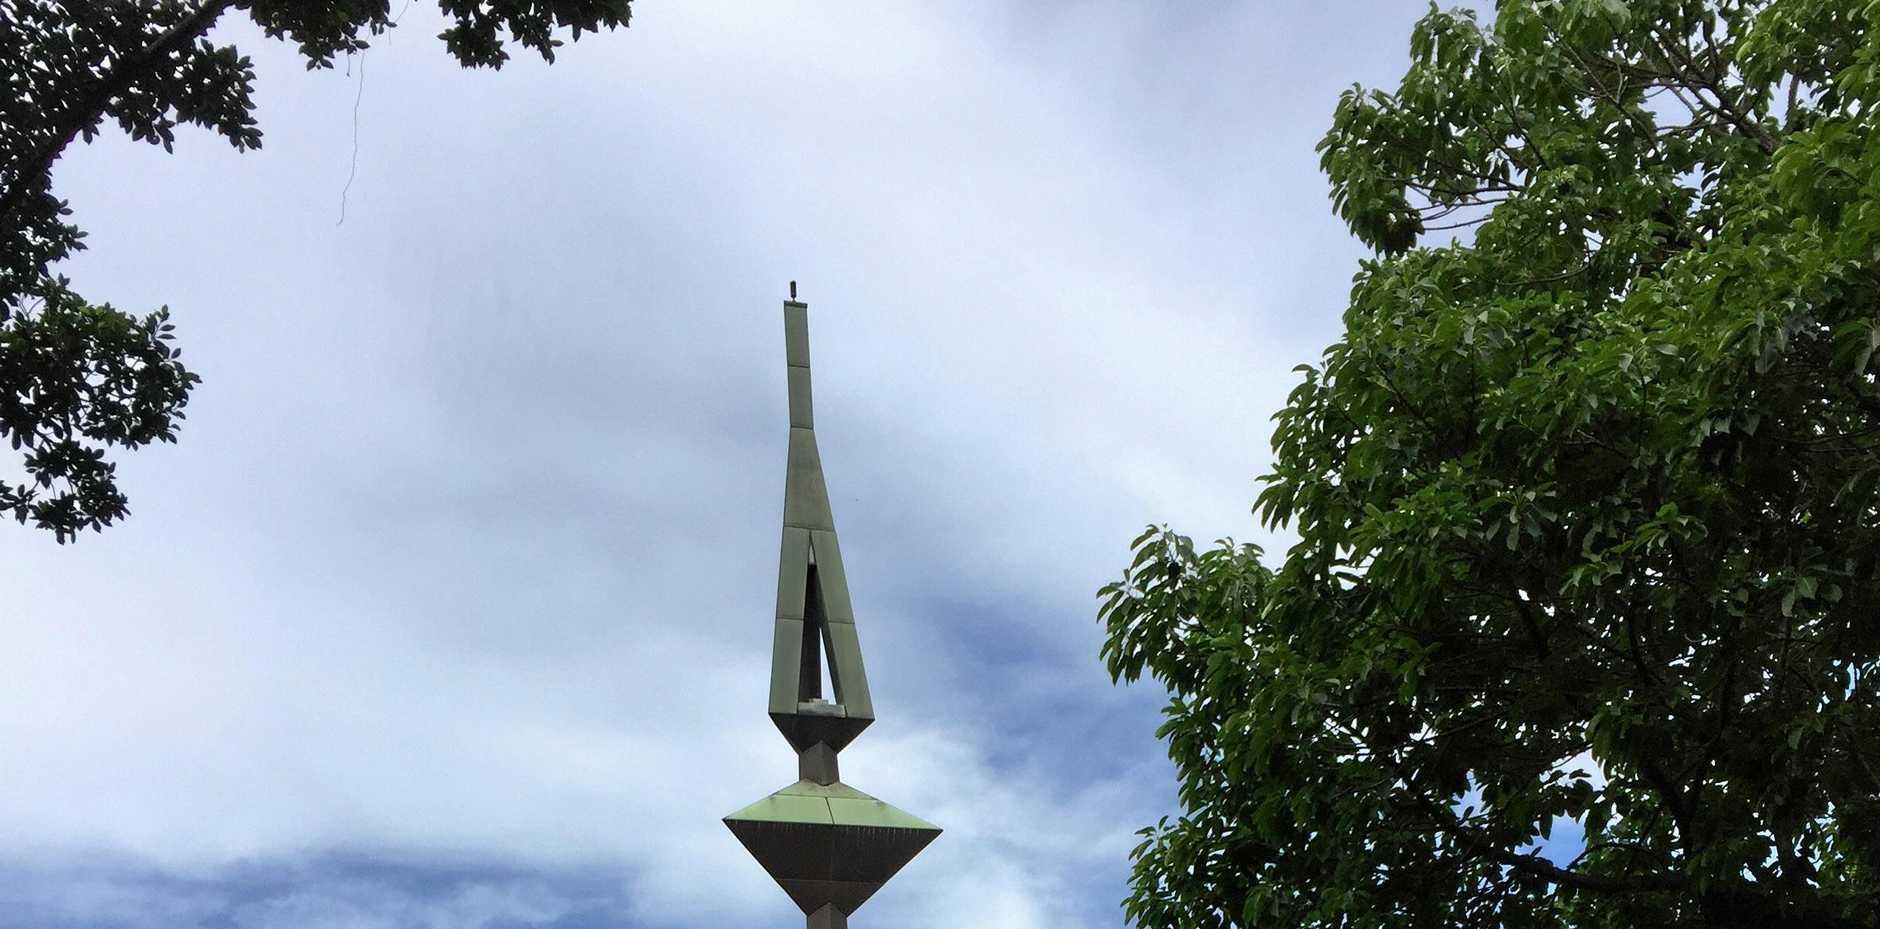 The Peace Park sculpture.